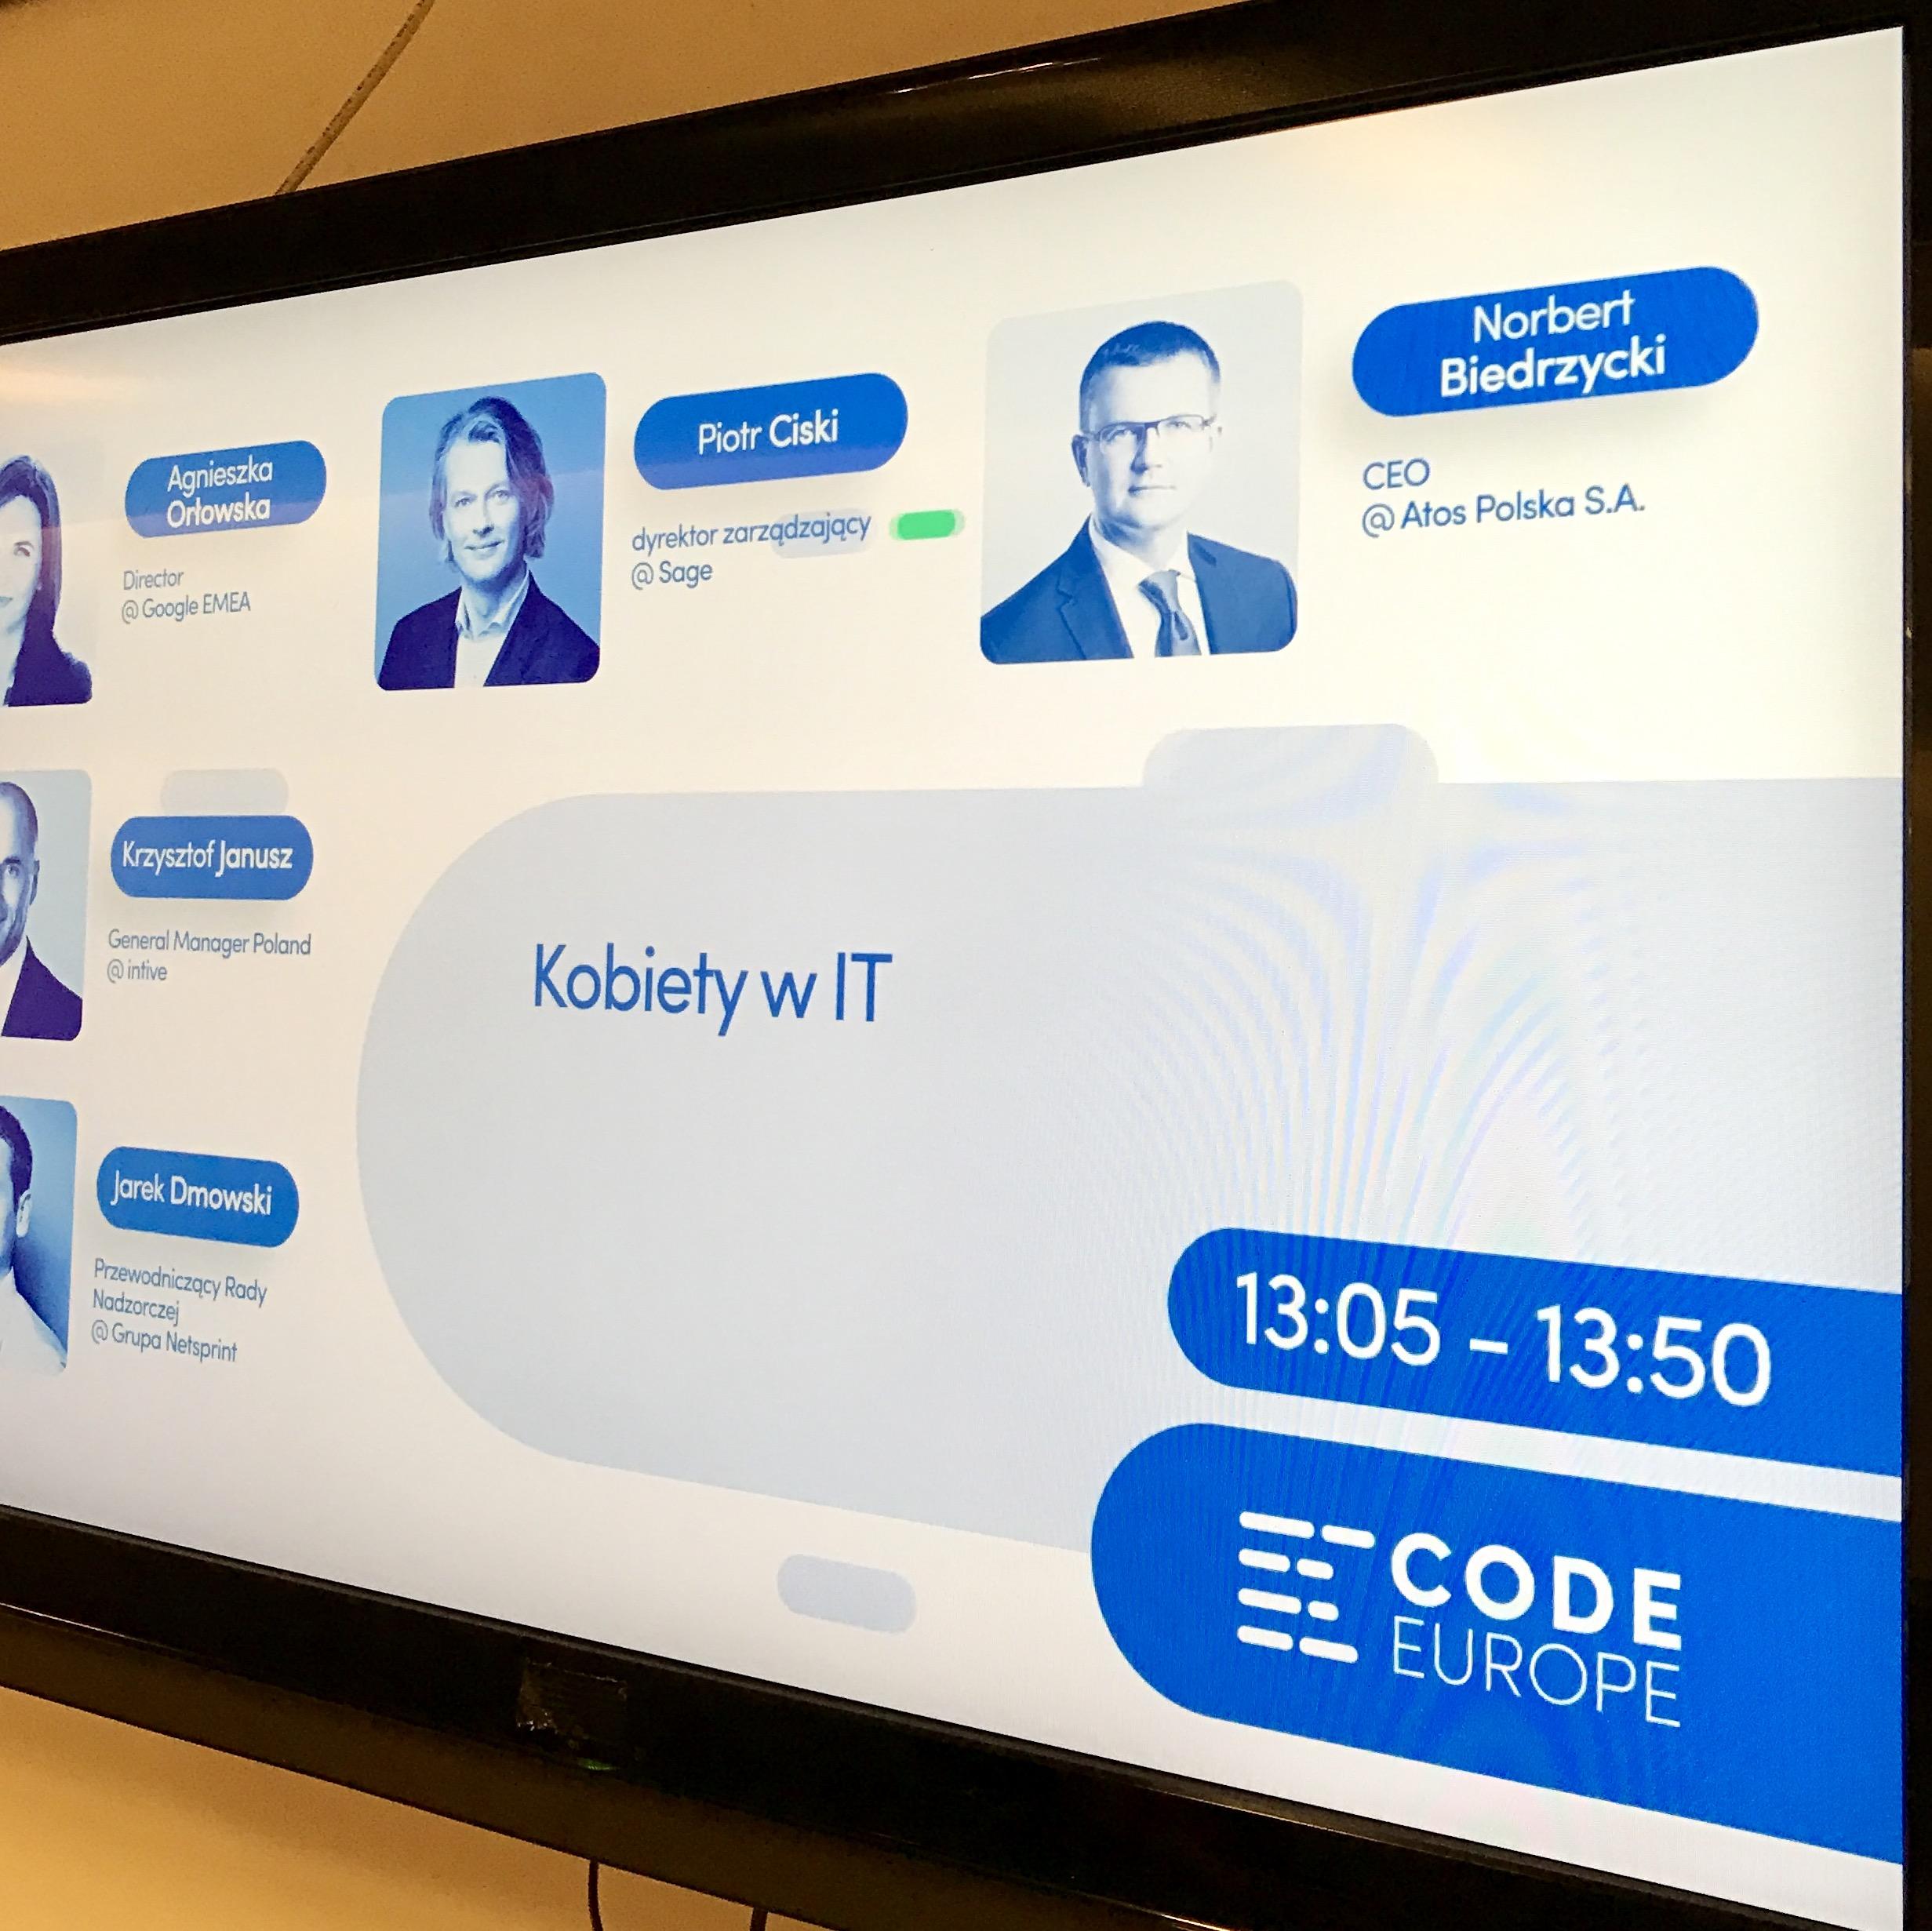 Pic_3 code europe 2017 Norbert Biedrzycki